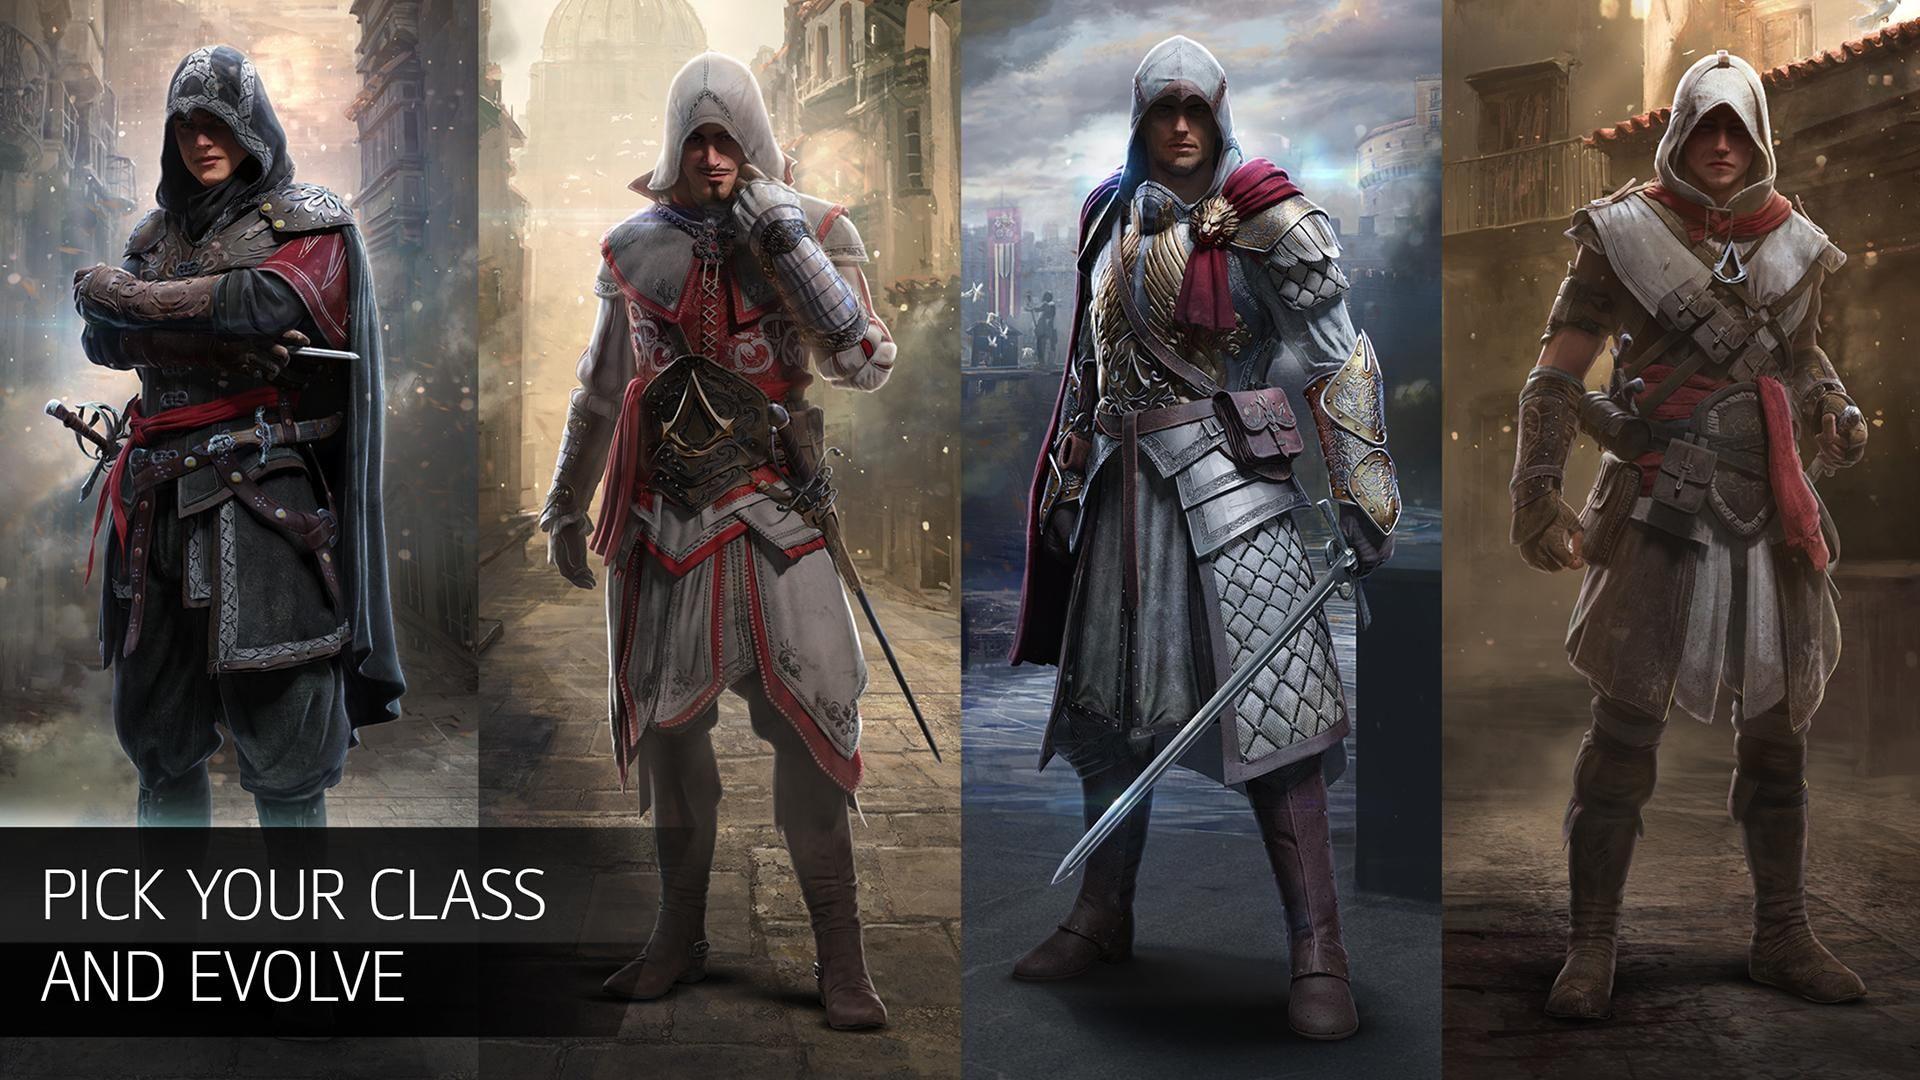 刺客信条:本色(Assassin's Creed Identity) 游戏截图5